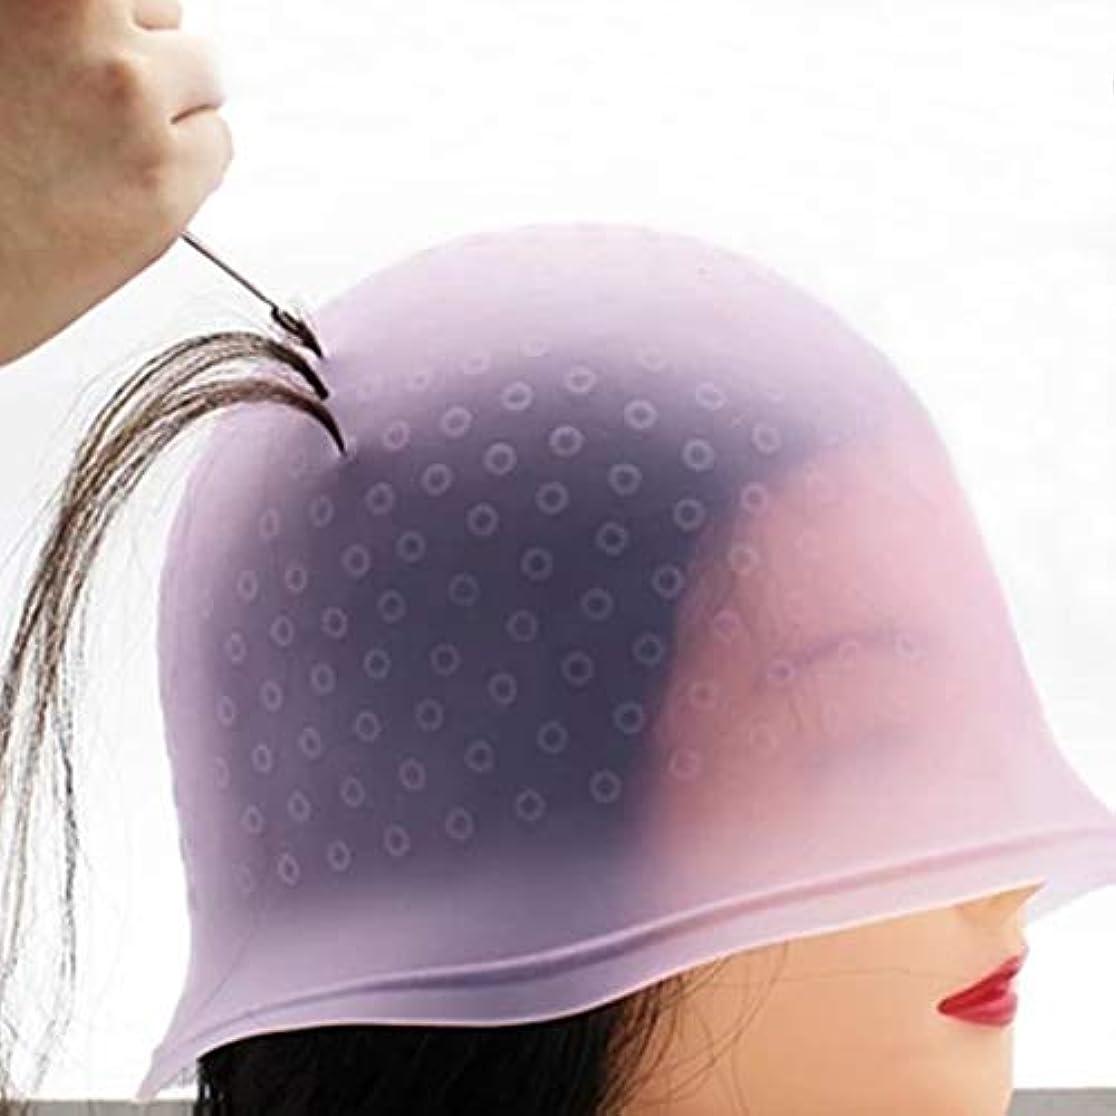 さておき倒錯レンズLittleliving 毛染めキャップ コスプレ ヘアカラー ハイライト ブリーチ ライブ イベント用 シリコン メッシュキャップ 帽 髪染め カラーリング 不要な染めを避ける 洗って使える (ピンク)